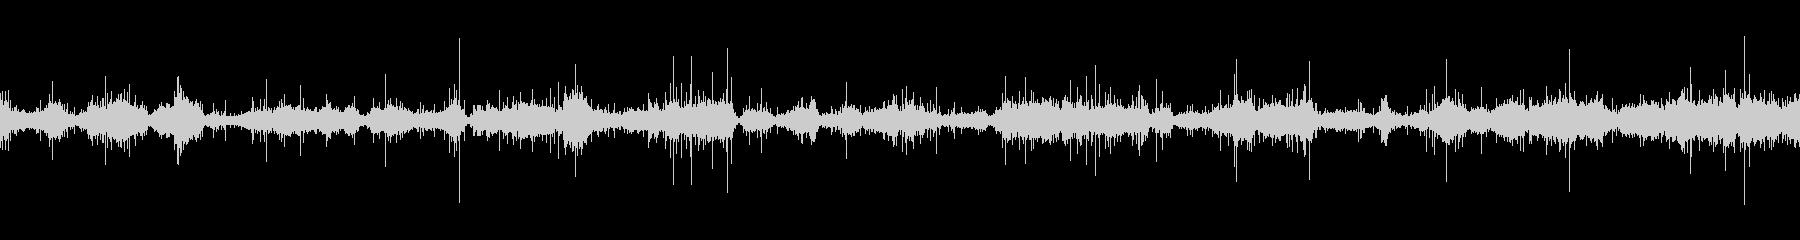 ムードノイズ(環境音)「サラサラ…」3の未再生の波形